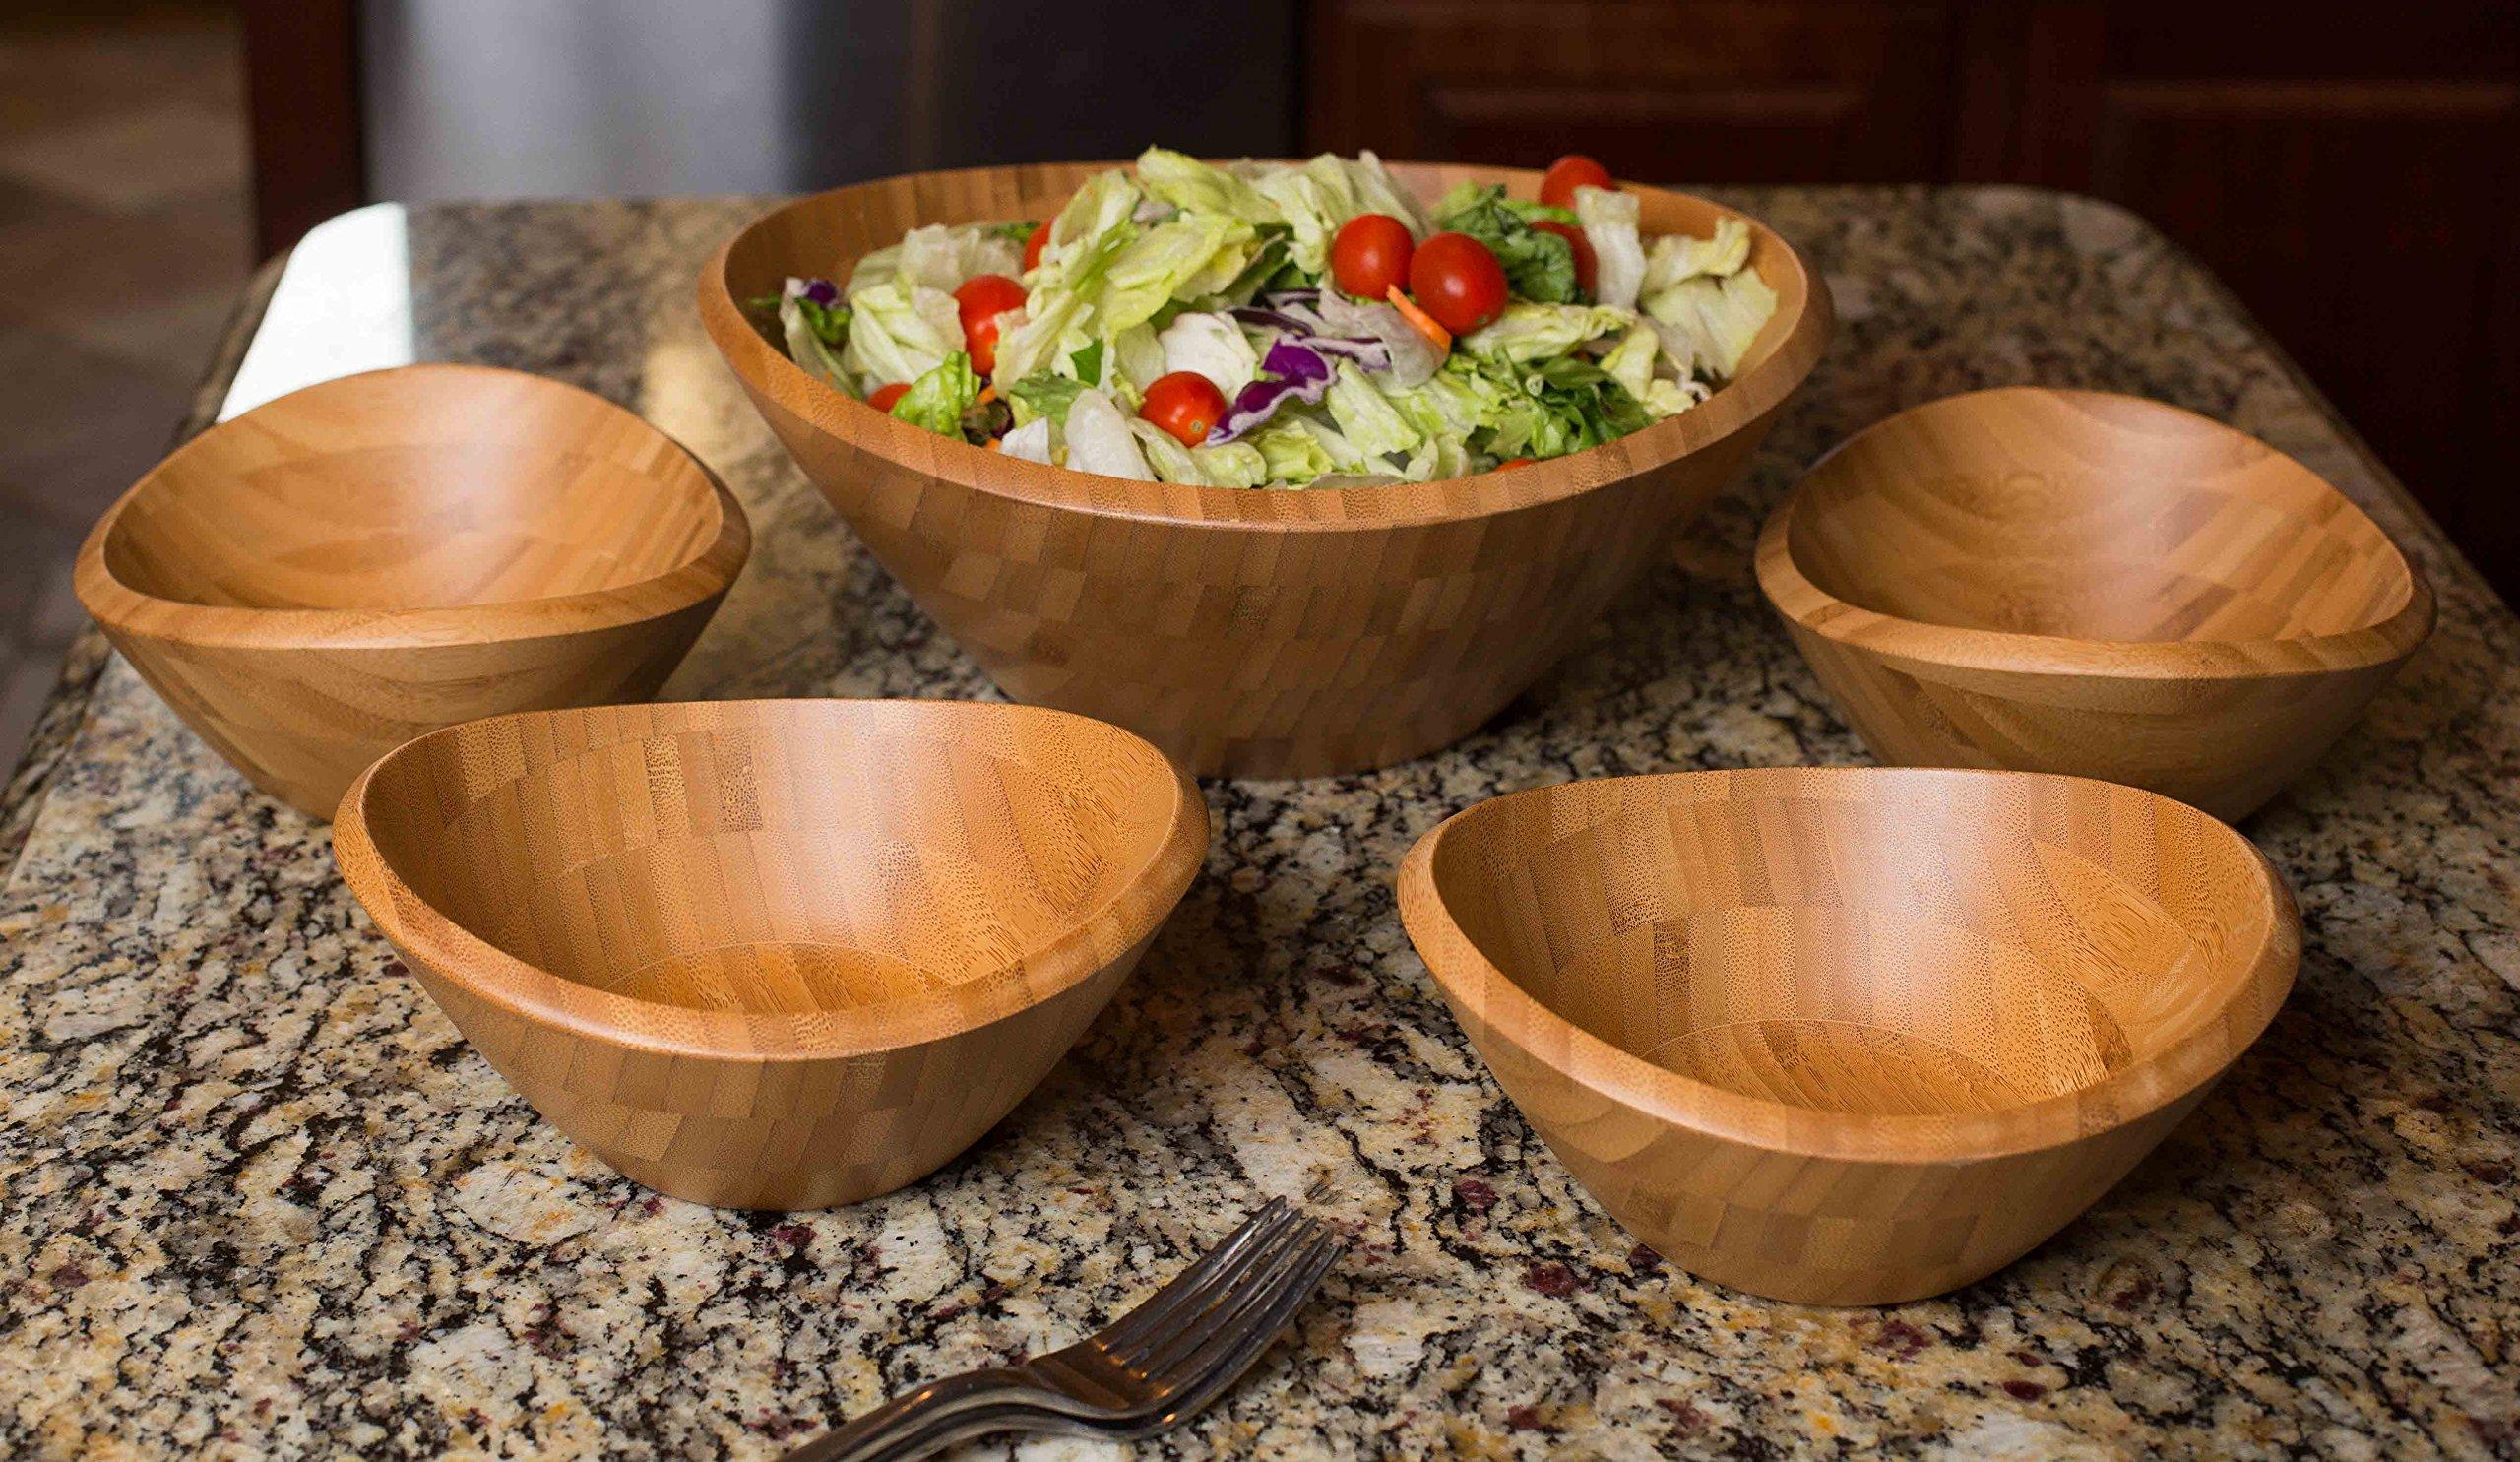 BirdRock Home Bamboo Salad Bowl Set | Set of 5 | Wooden Stackable Bowls for Salad, Pasta, Fruit | Kitchen Bowl Set